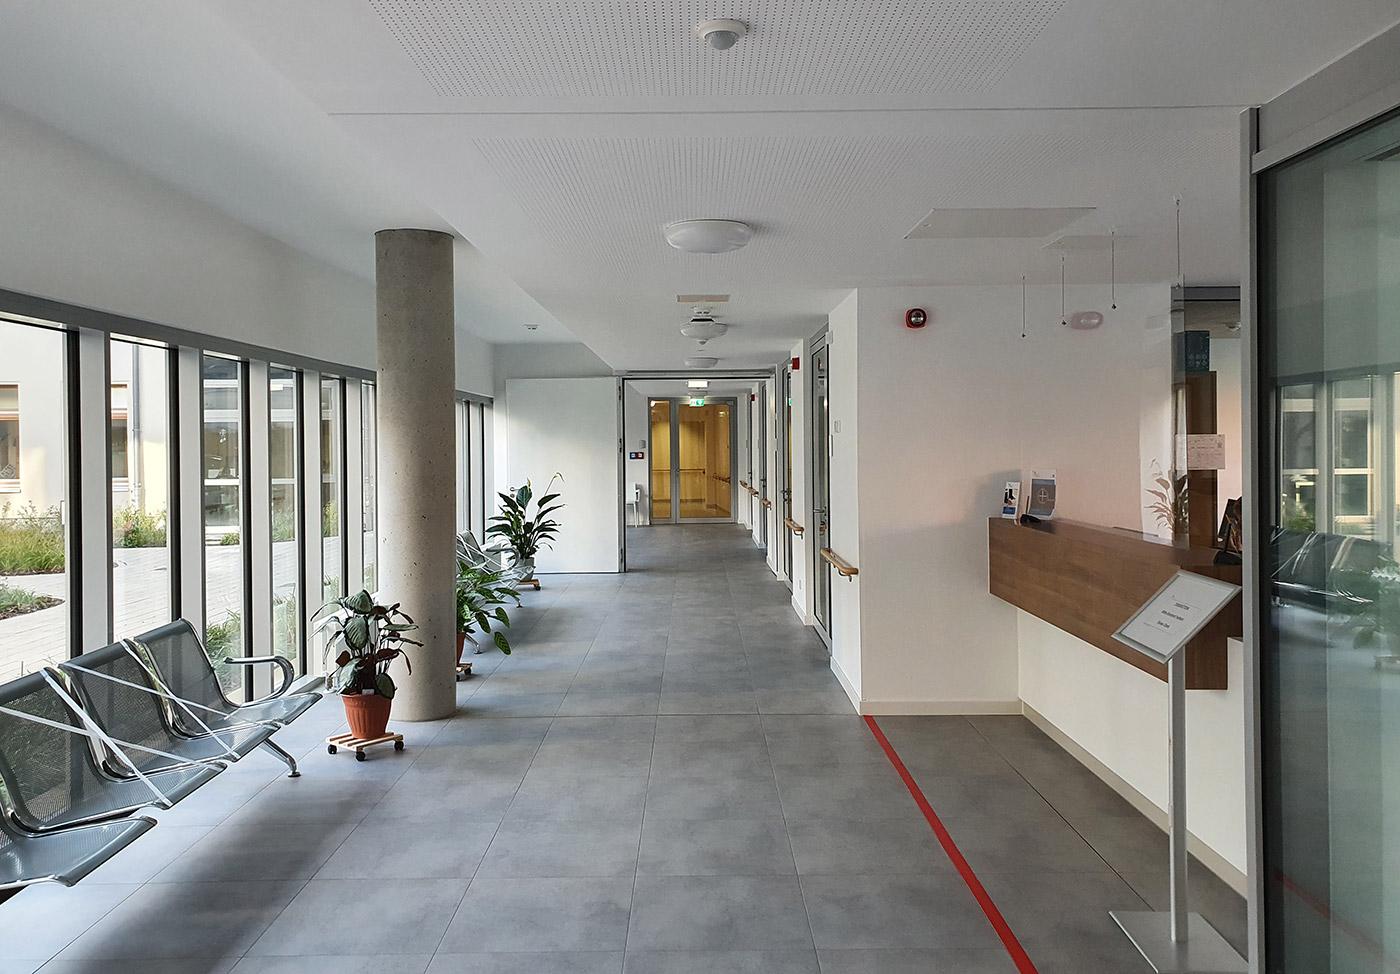 Errichtung eines Therapiezentrums Rüdersdorf - Bild 5